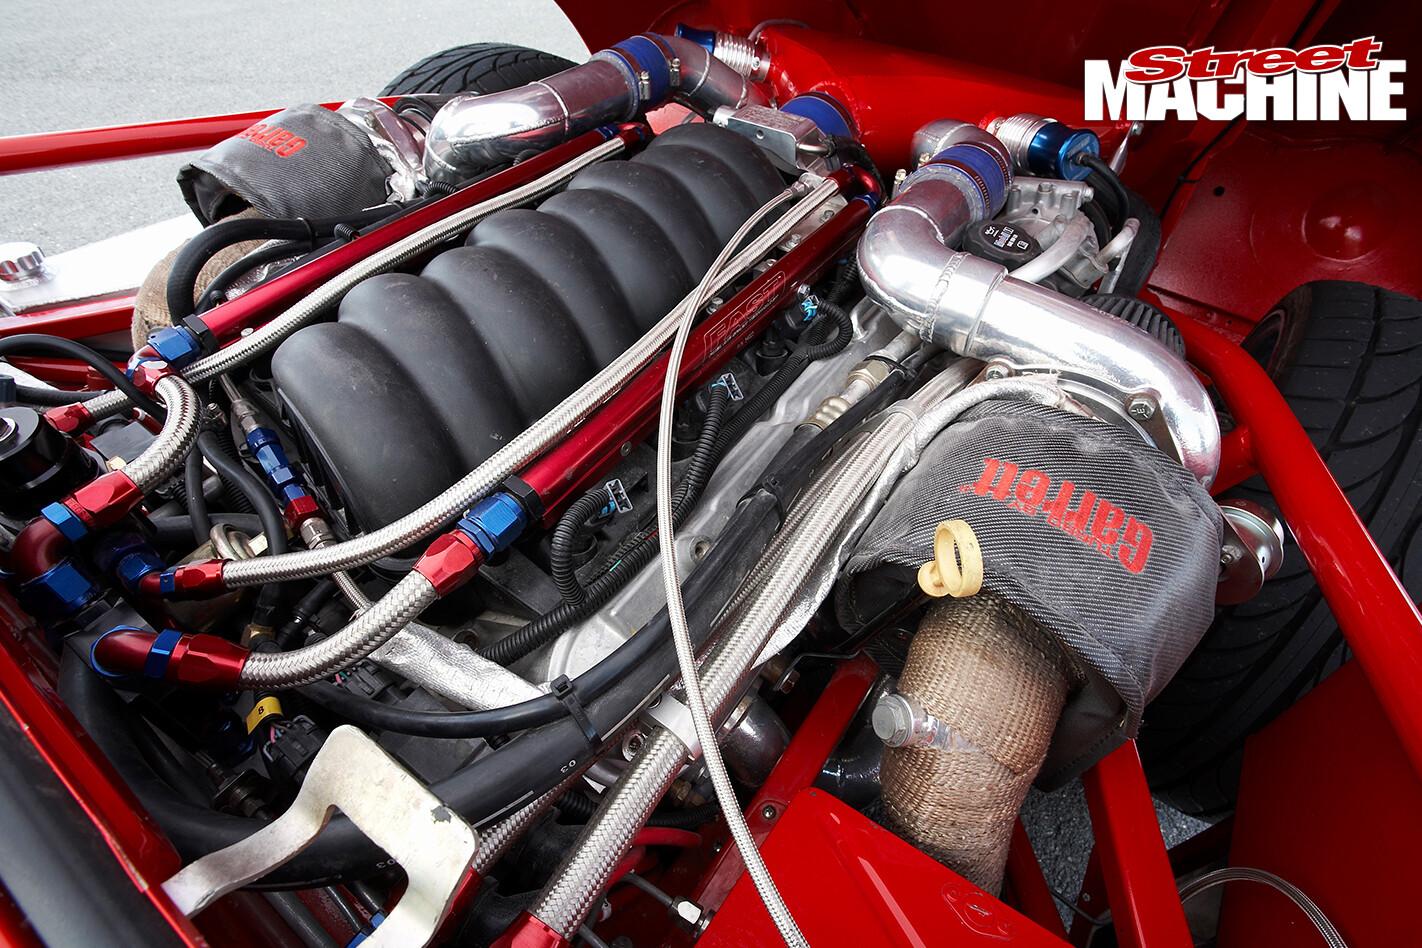 E-type -Jaguar -engine -detail 06